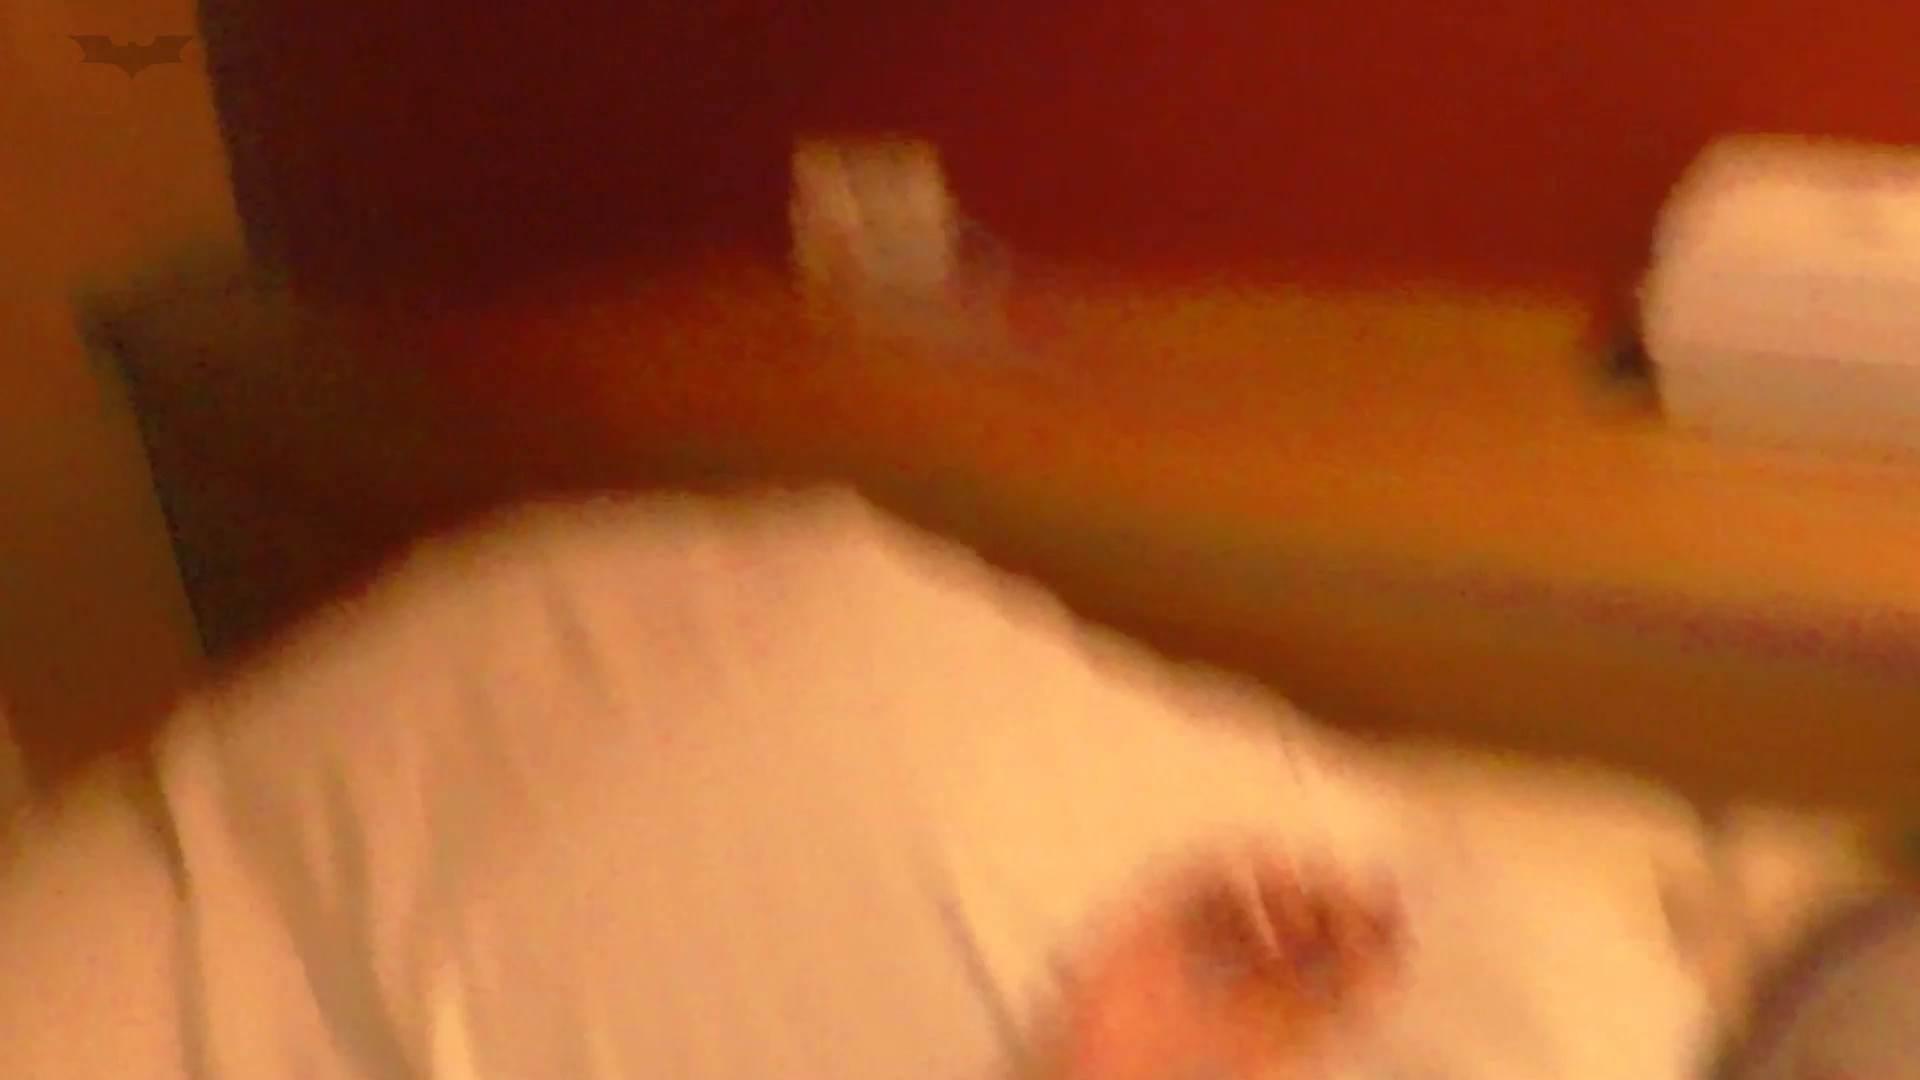 内緒でデリヘル盗撮 Vol.02後編 No.1手こき嬢にもこっそり中で・・・。 OLの実態 | 盗撮  43pic 23